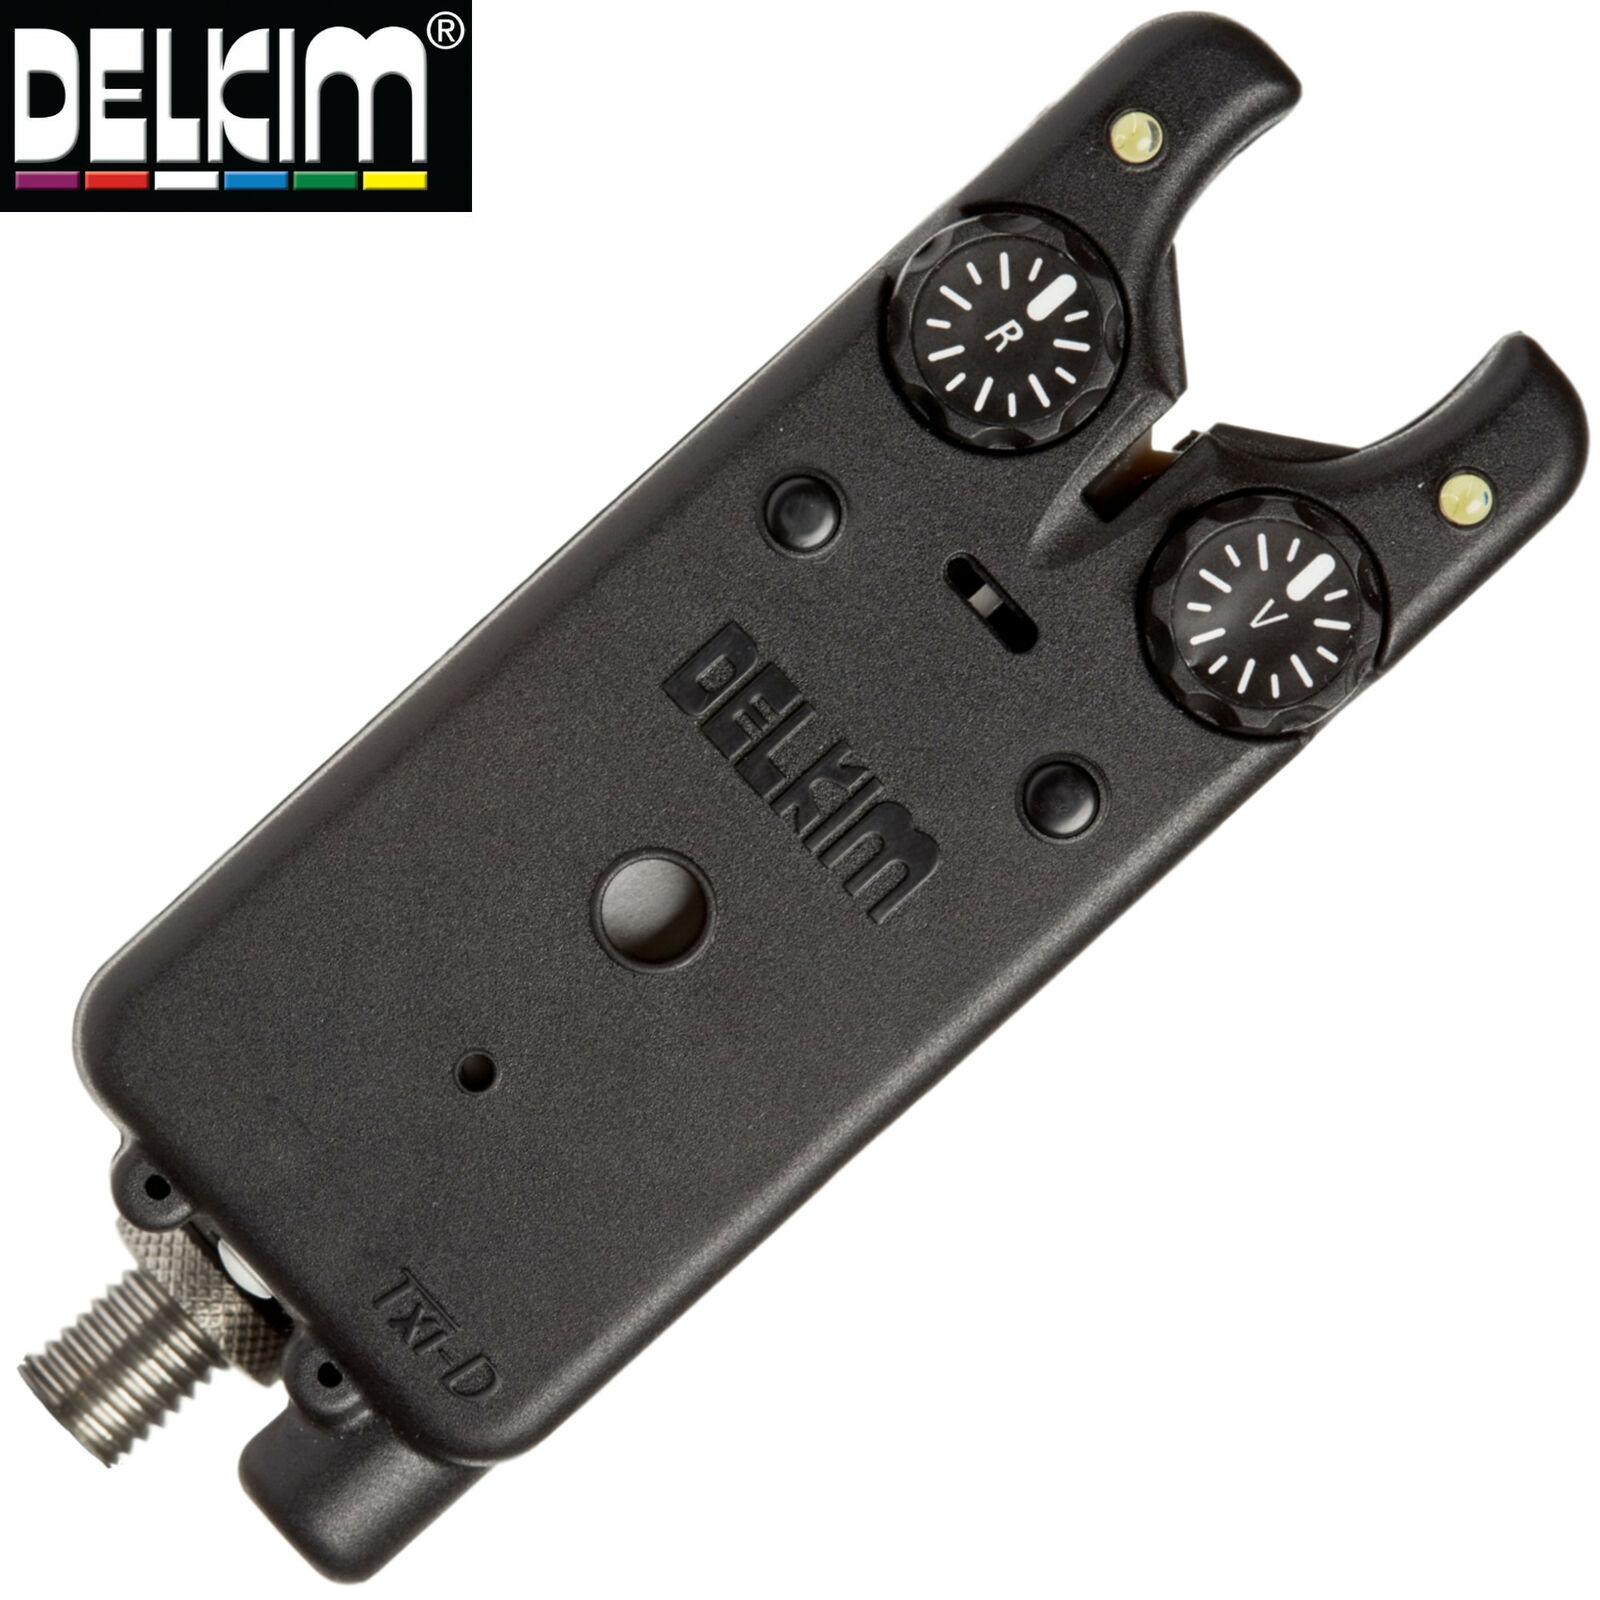 Delkim Txi-D Digital Bite Alarm - Bissanzeiger, Karpfenbissanzeiger, Zubehör